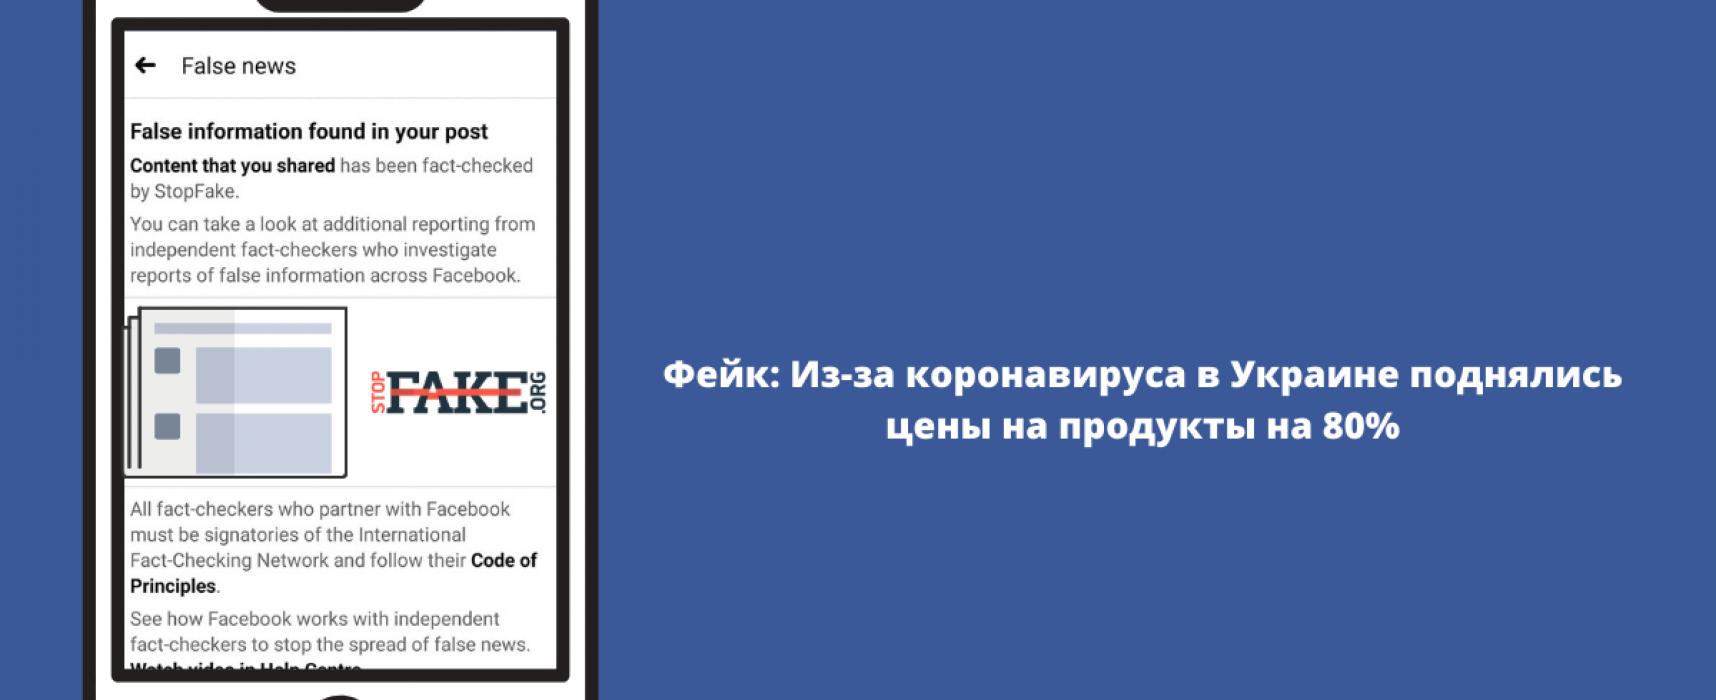 Фейк: Через коронавірус ціни на продукти в Україні піднялися на 80%